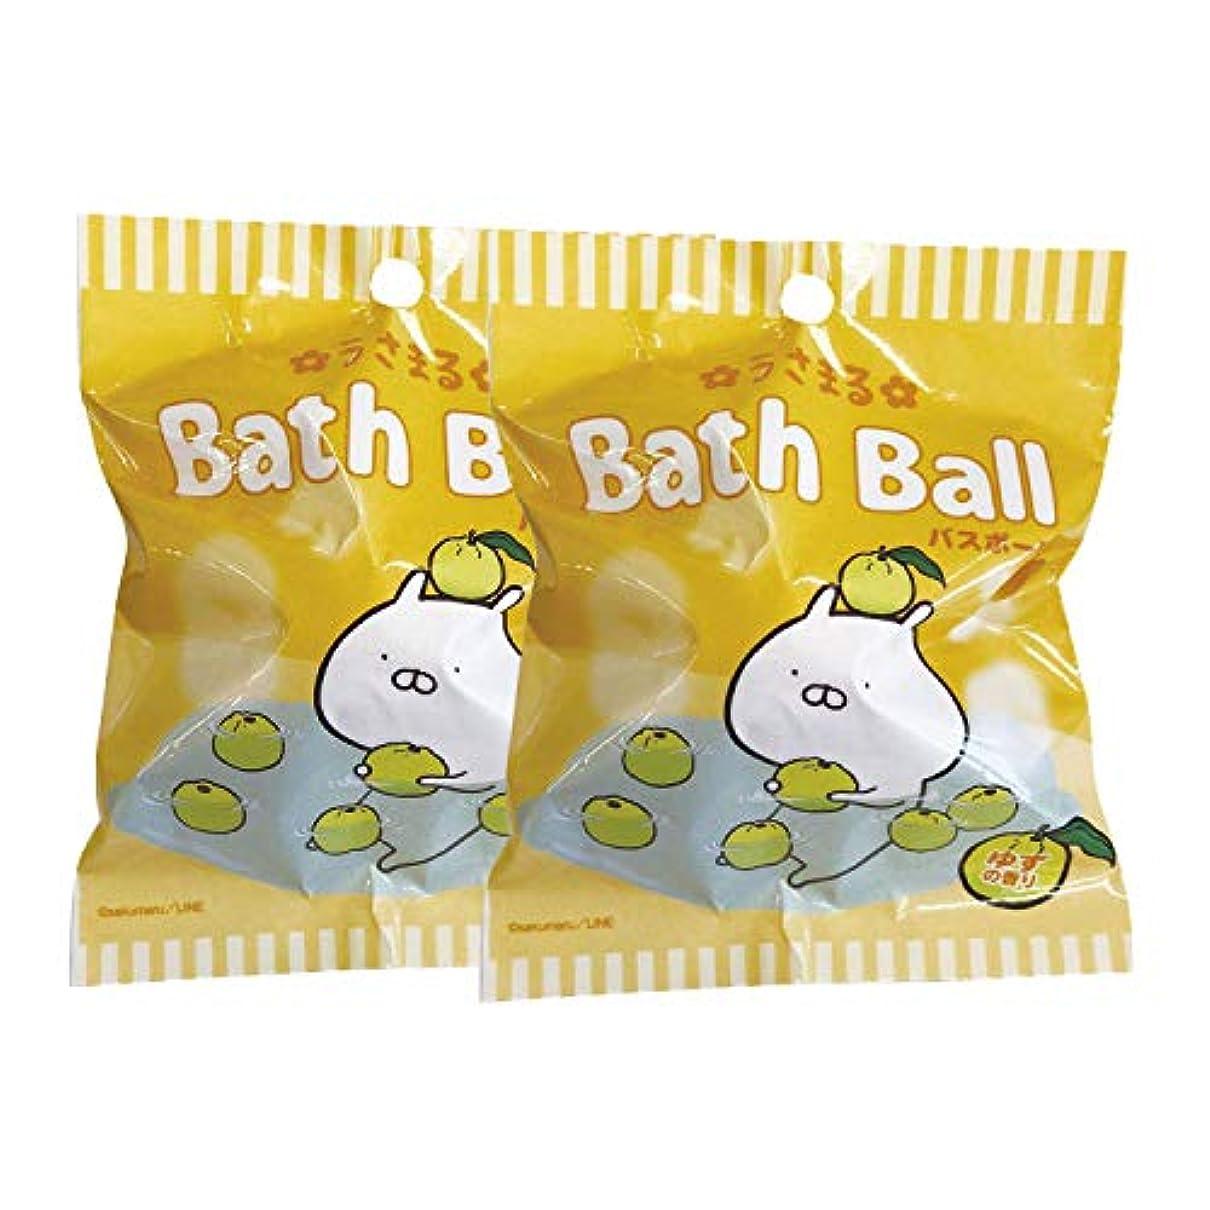 これら控えめな懲らしめうさまる 入浴剤 バスボール 2個セット おまけ付き ゆずの香り 60g ABD-020-001